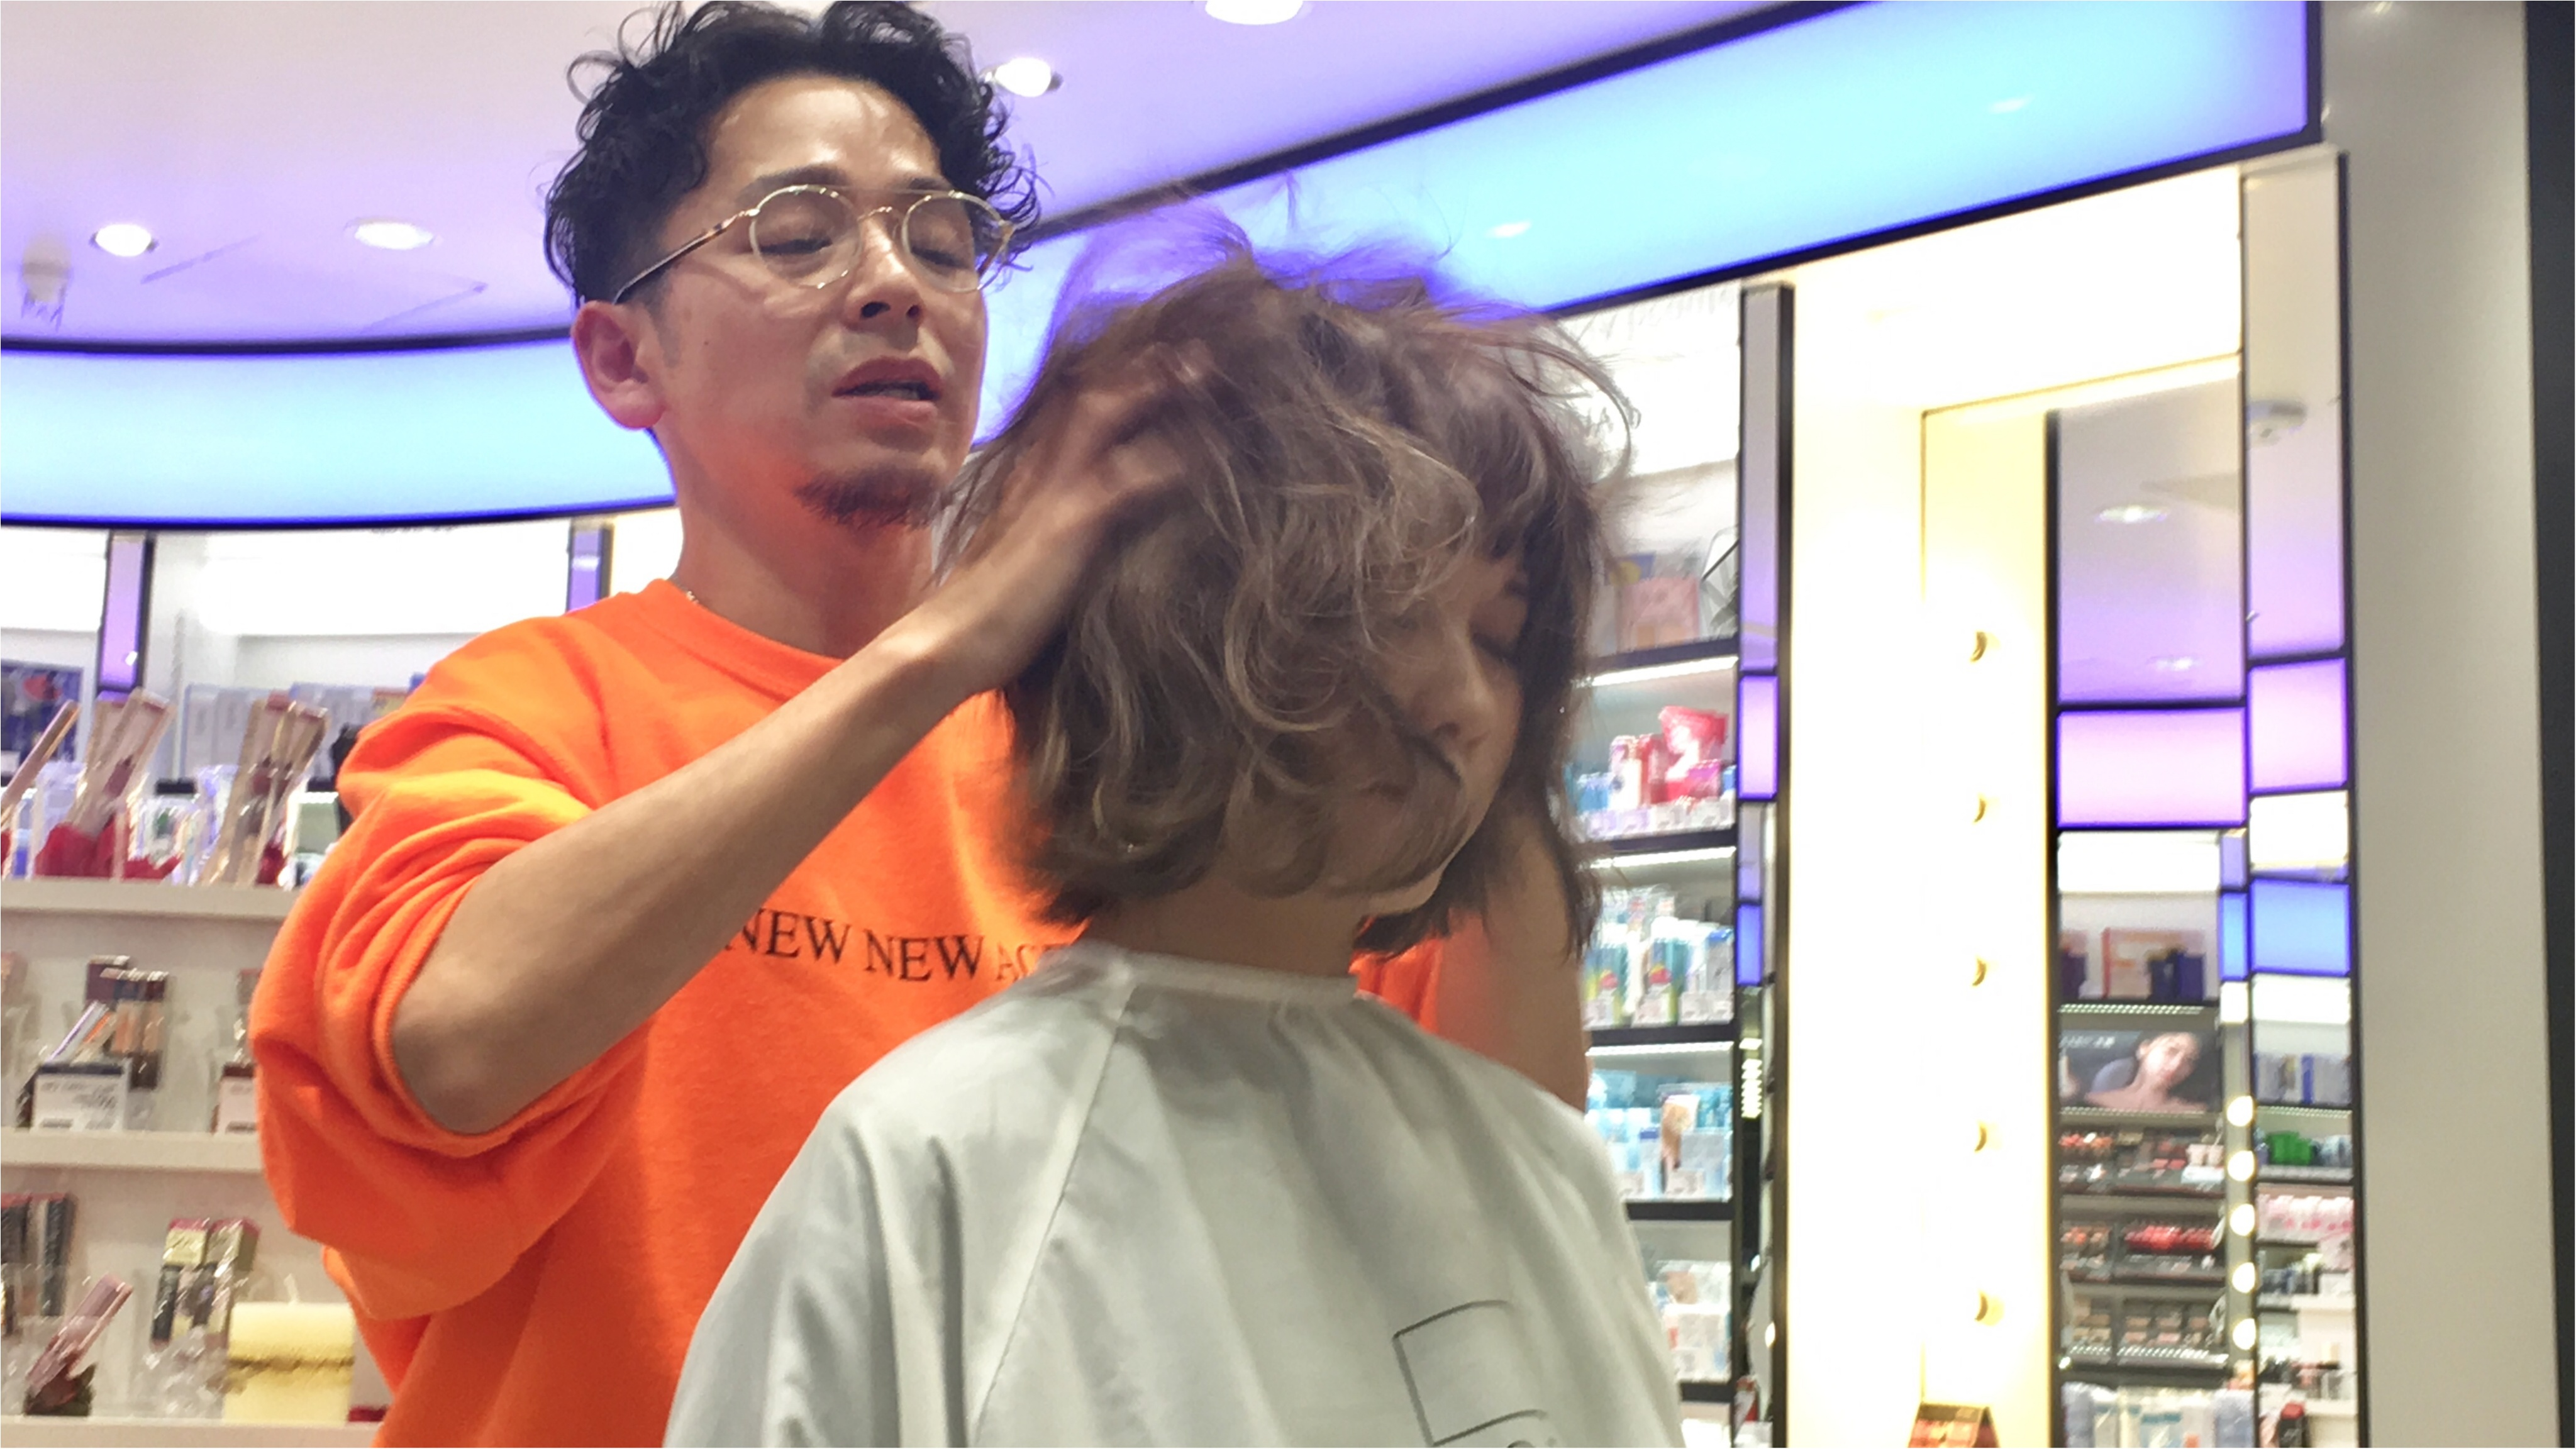 【銀座BeautyU】ヘアスタイリングセミナーでマンネリ解消!?_5